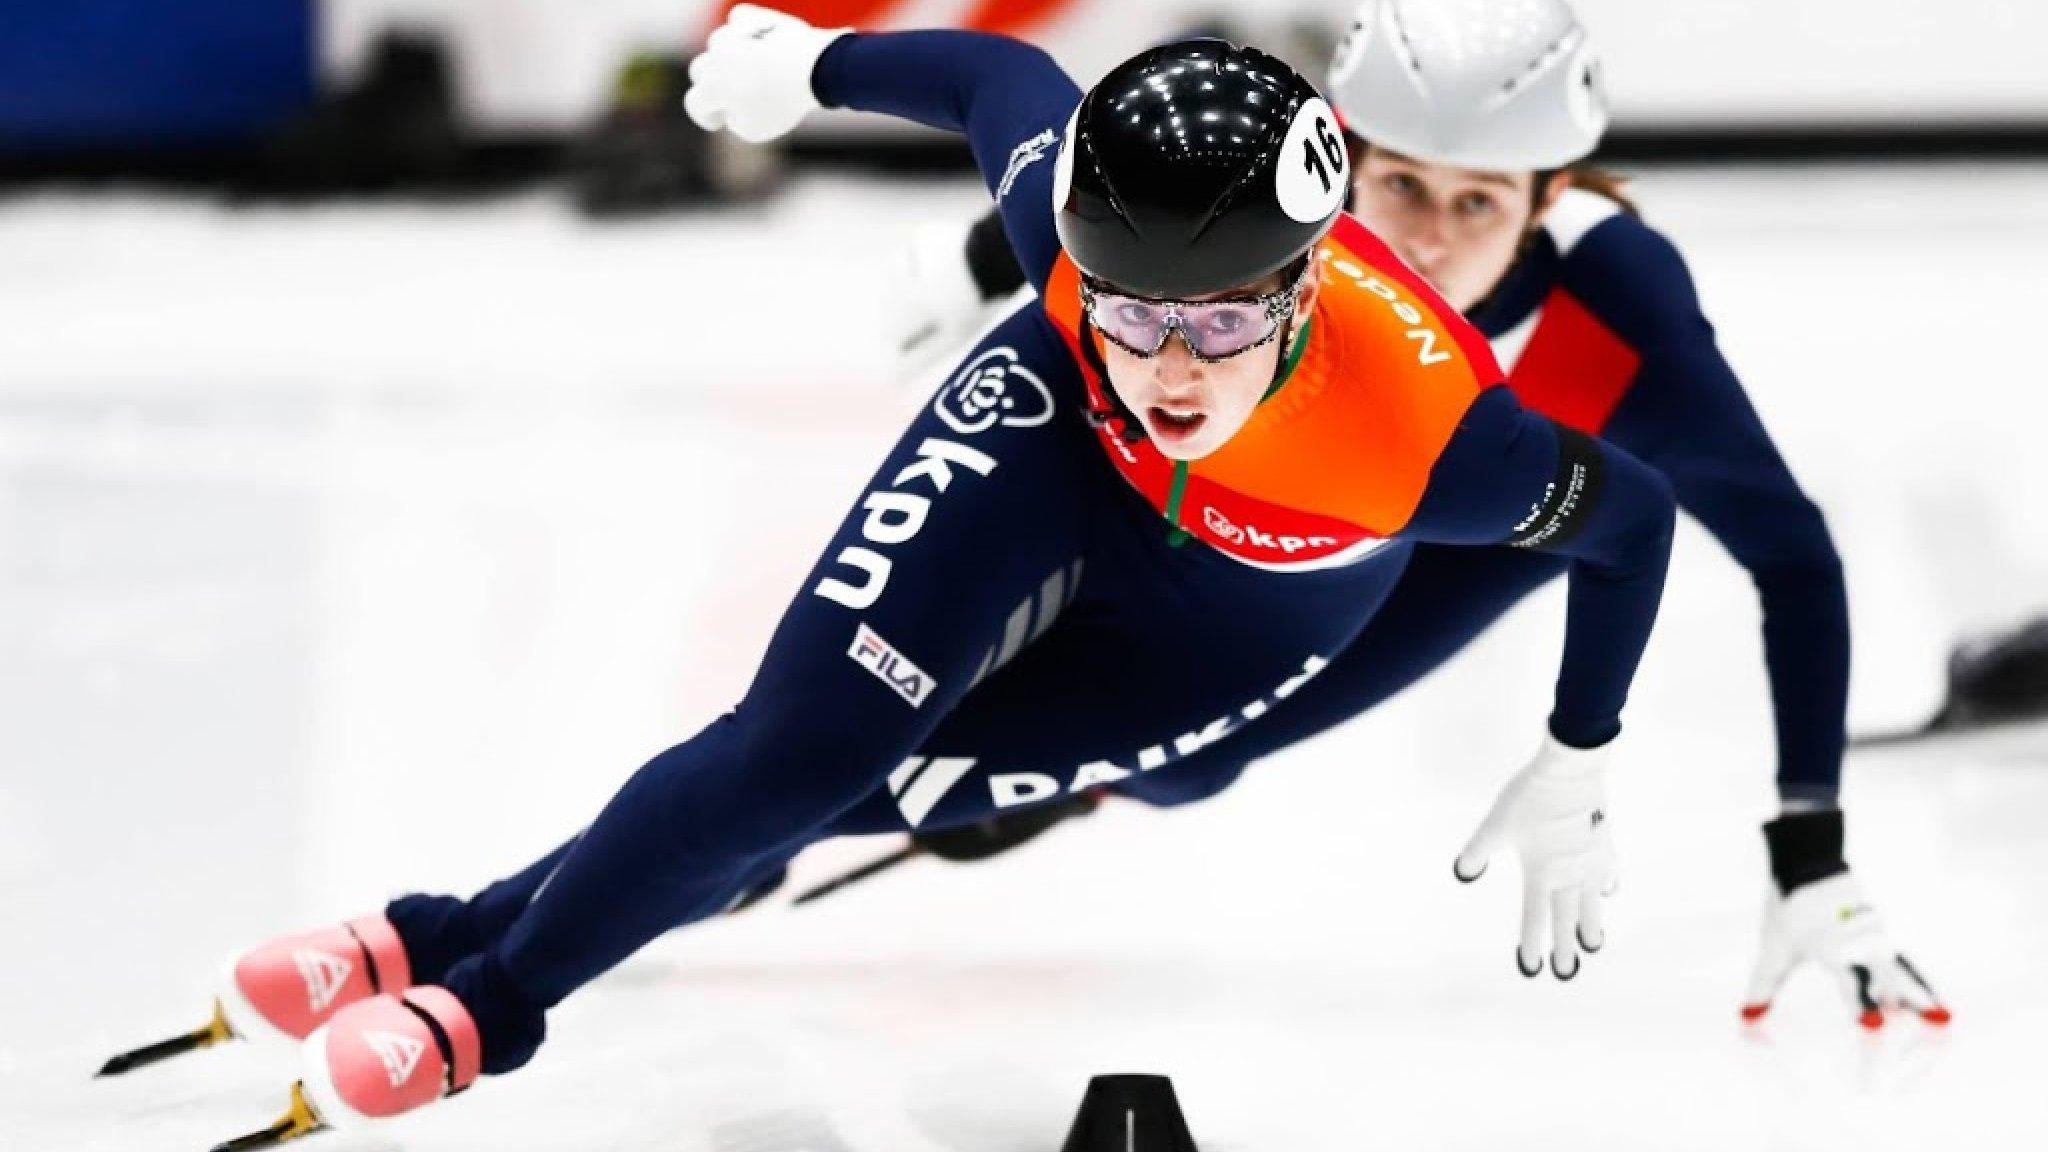 Van Ruijven Wereldkampioene Op 500 Meter Rtl Nieuws